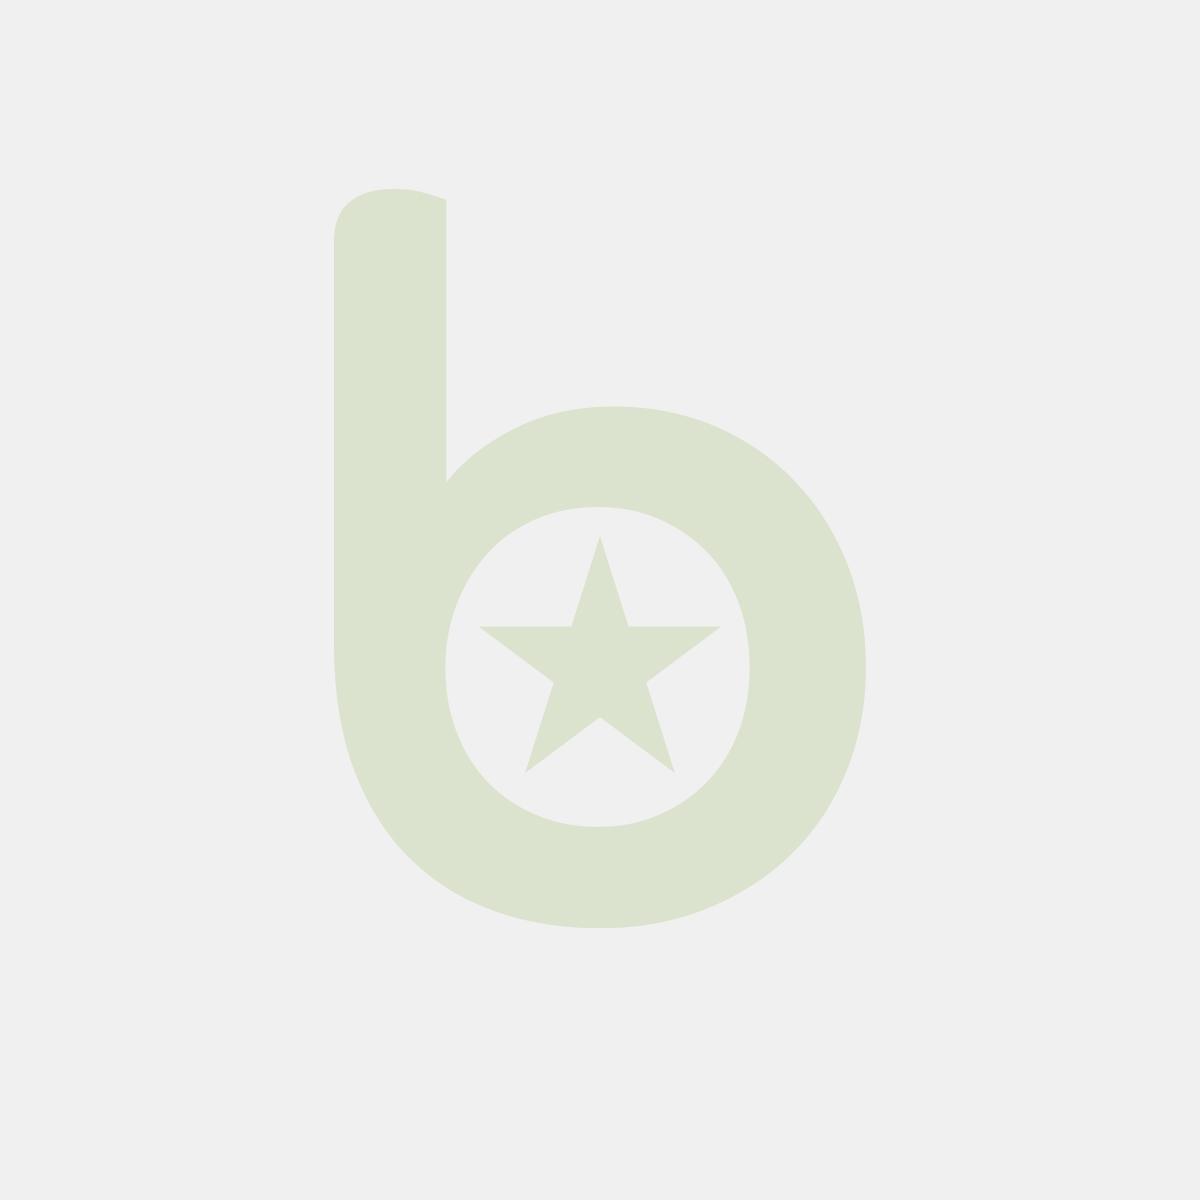 Serwetki 17x17 białe (500szt) (24)